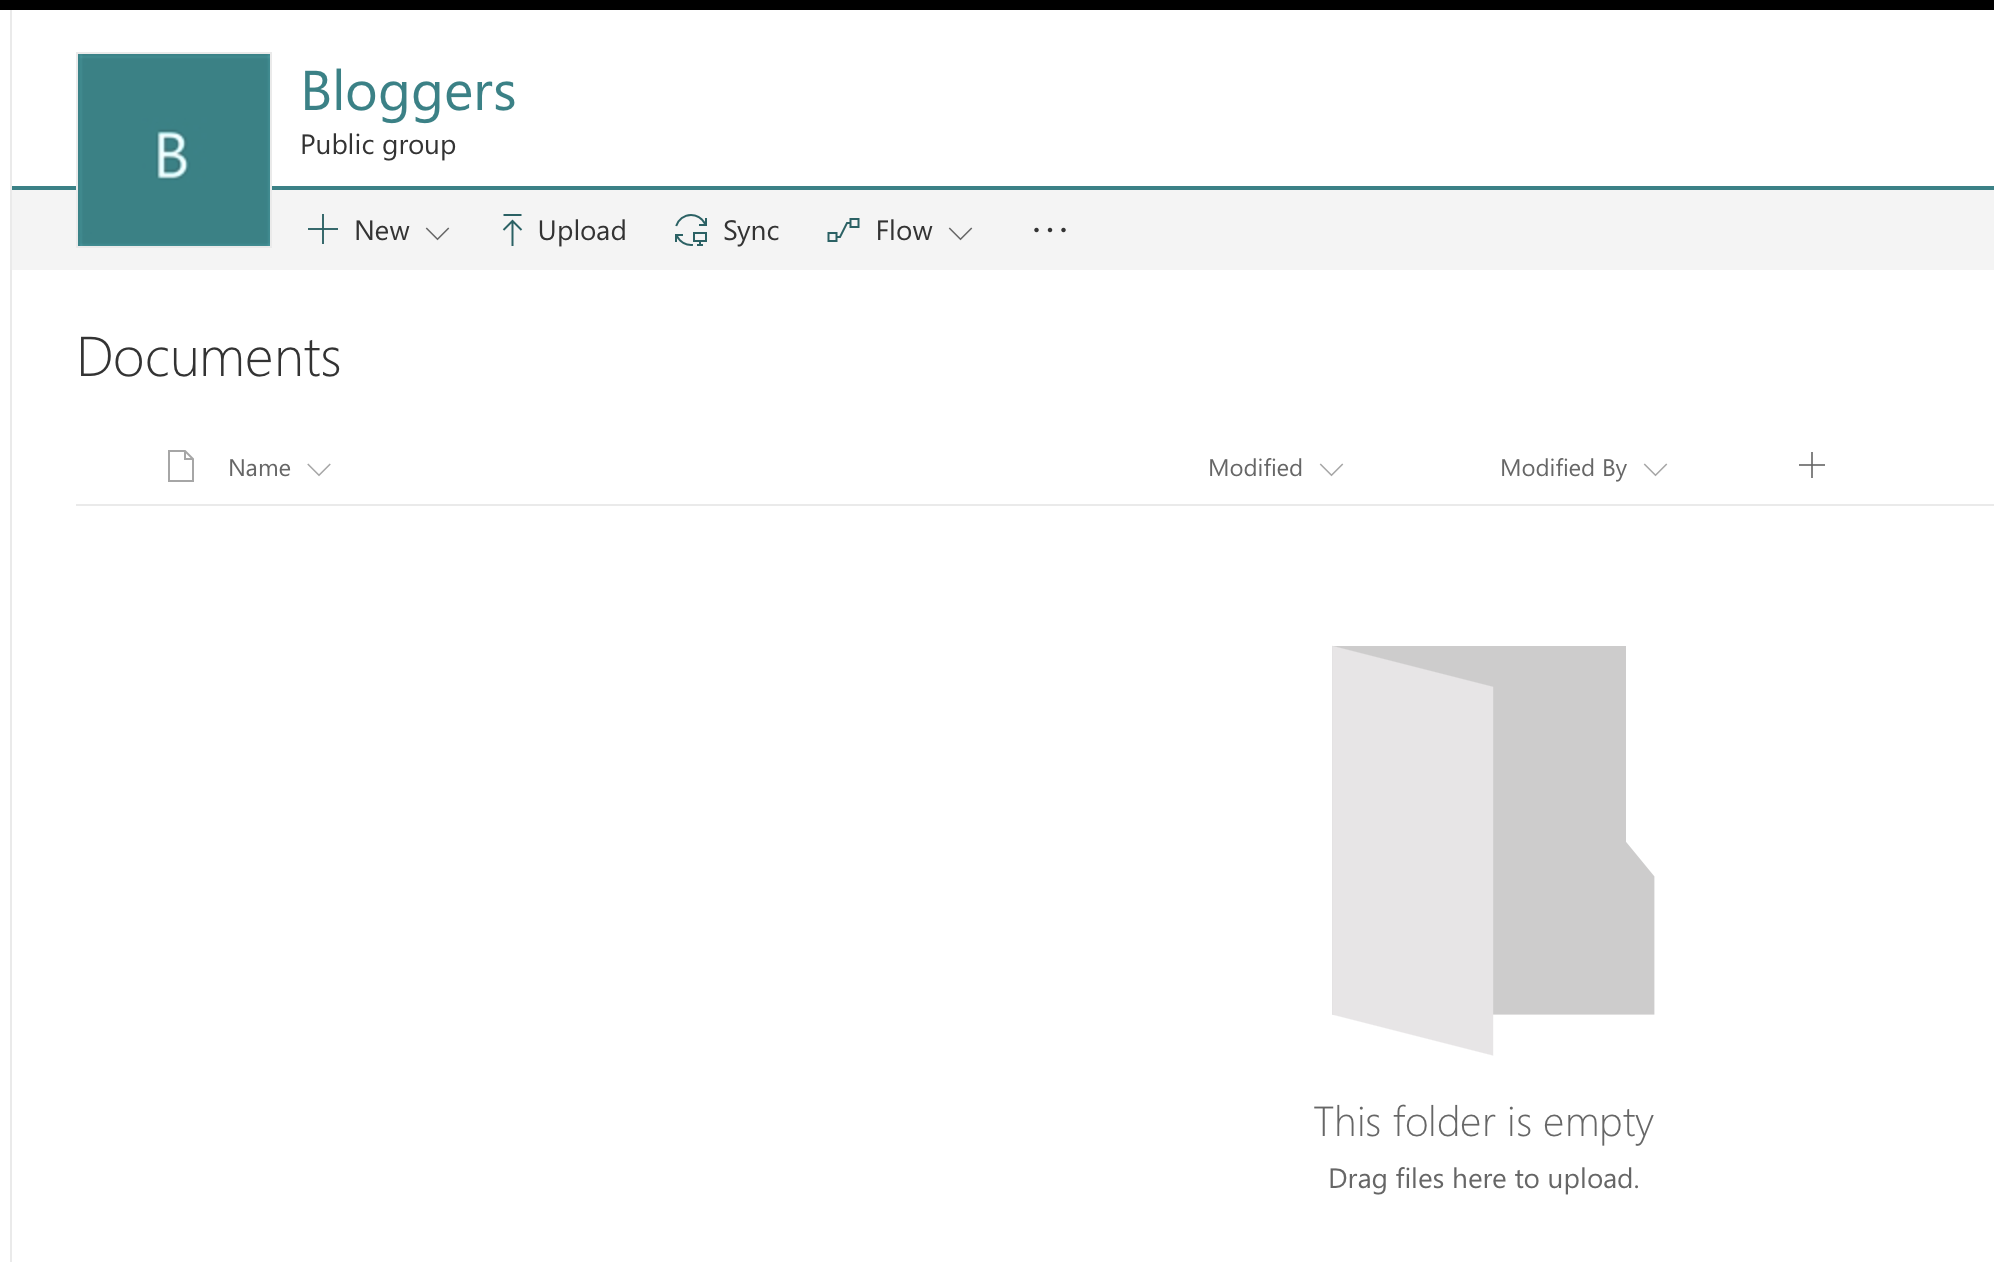 External User Environment Overview